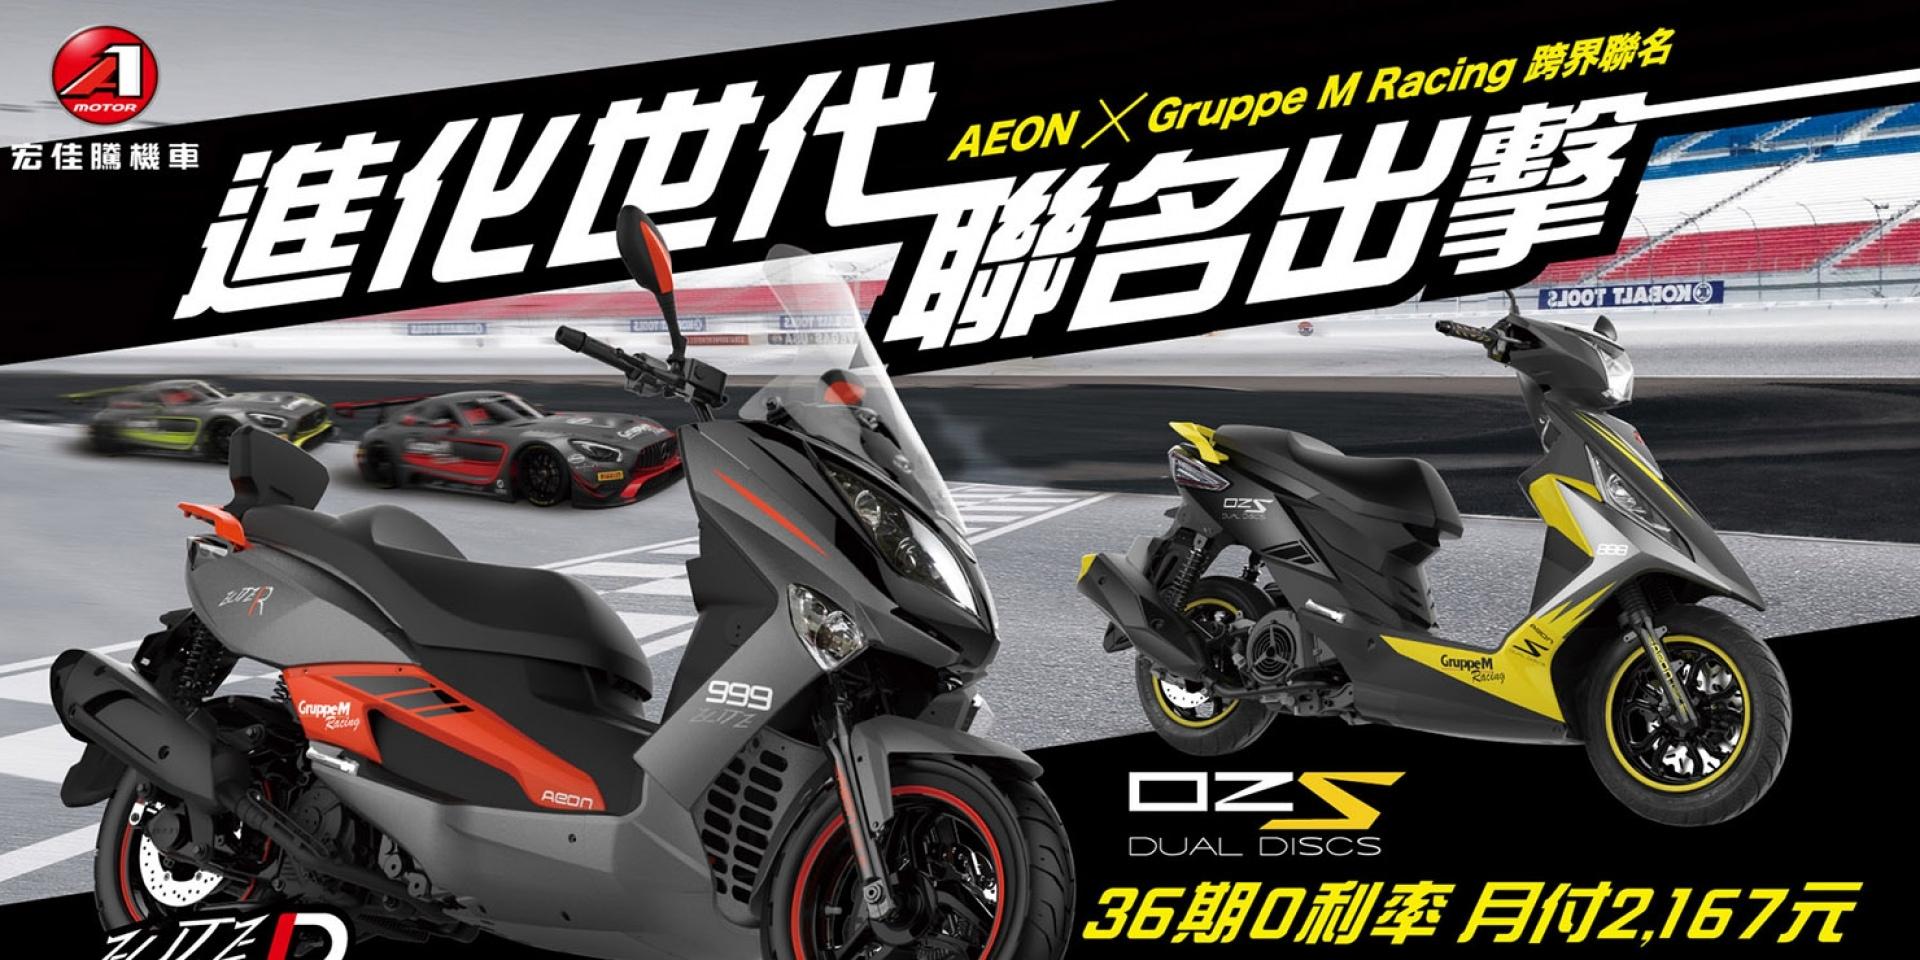 官方新聞稿。聯名再一彈AEON x GruppeM Racing新車極殺登場